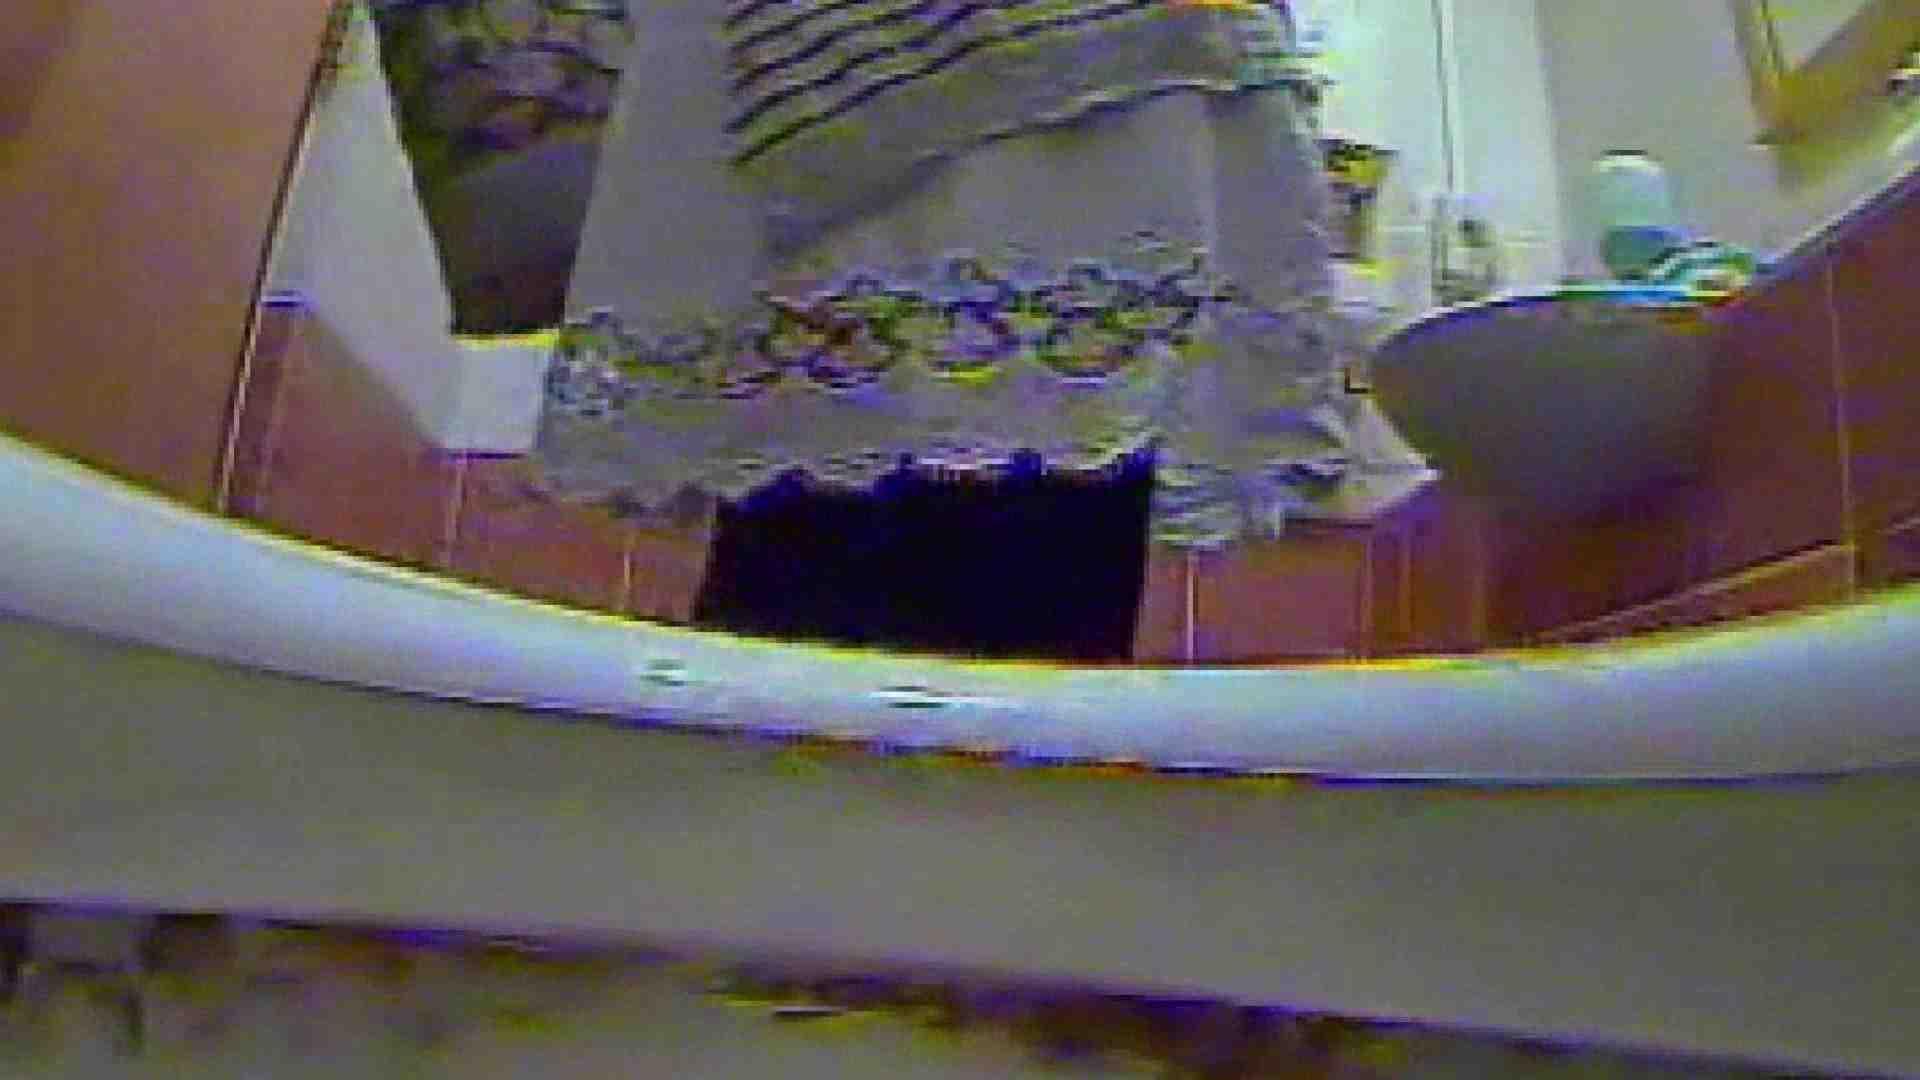 キレカワ女子大生の秘密の洗面所!Vol.018 放尿 オマンコ無修正動画無料 88pic 78